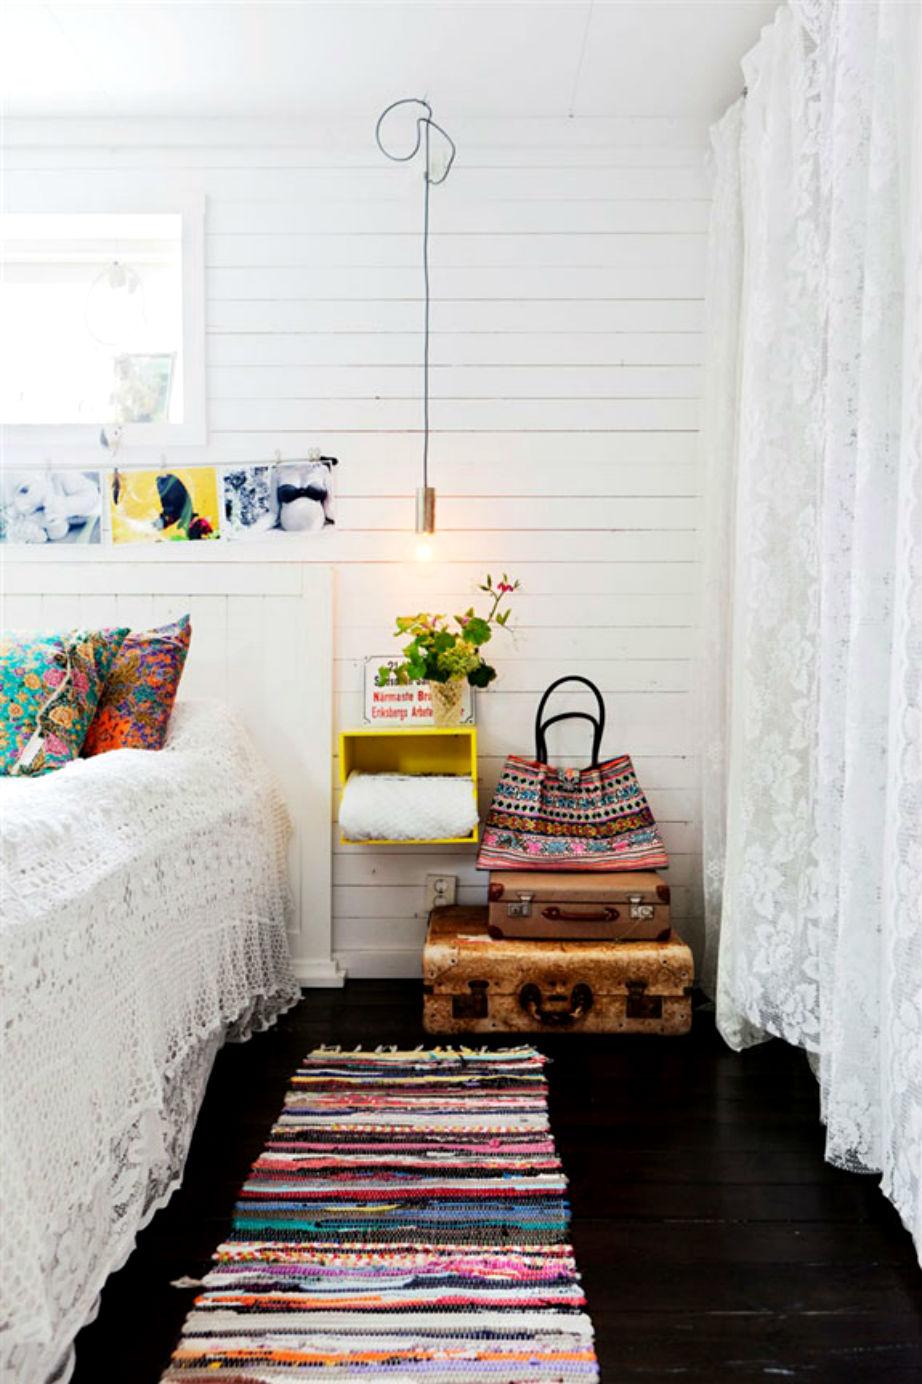 Λευκοί τοίχοι και μαύρο πάτωμα κάνουν αυτό το δωμάτιο απίστευτα στιλάτο.